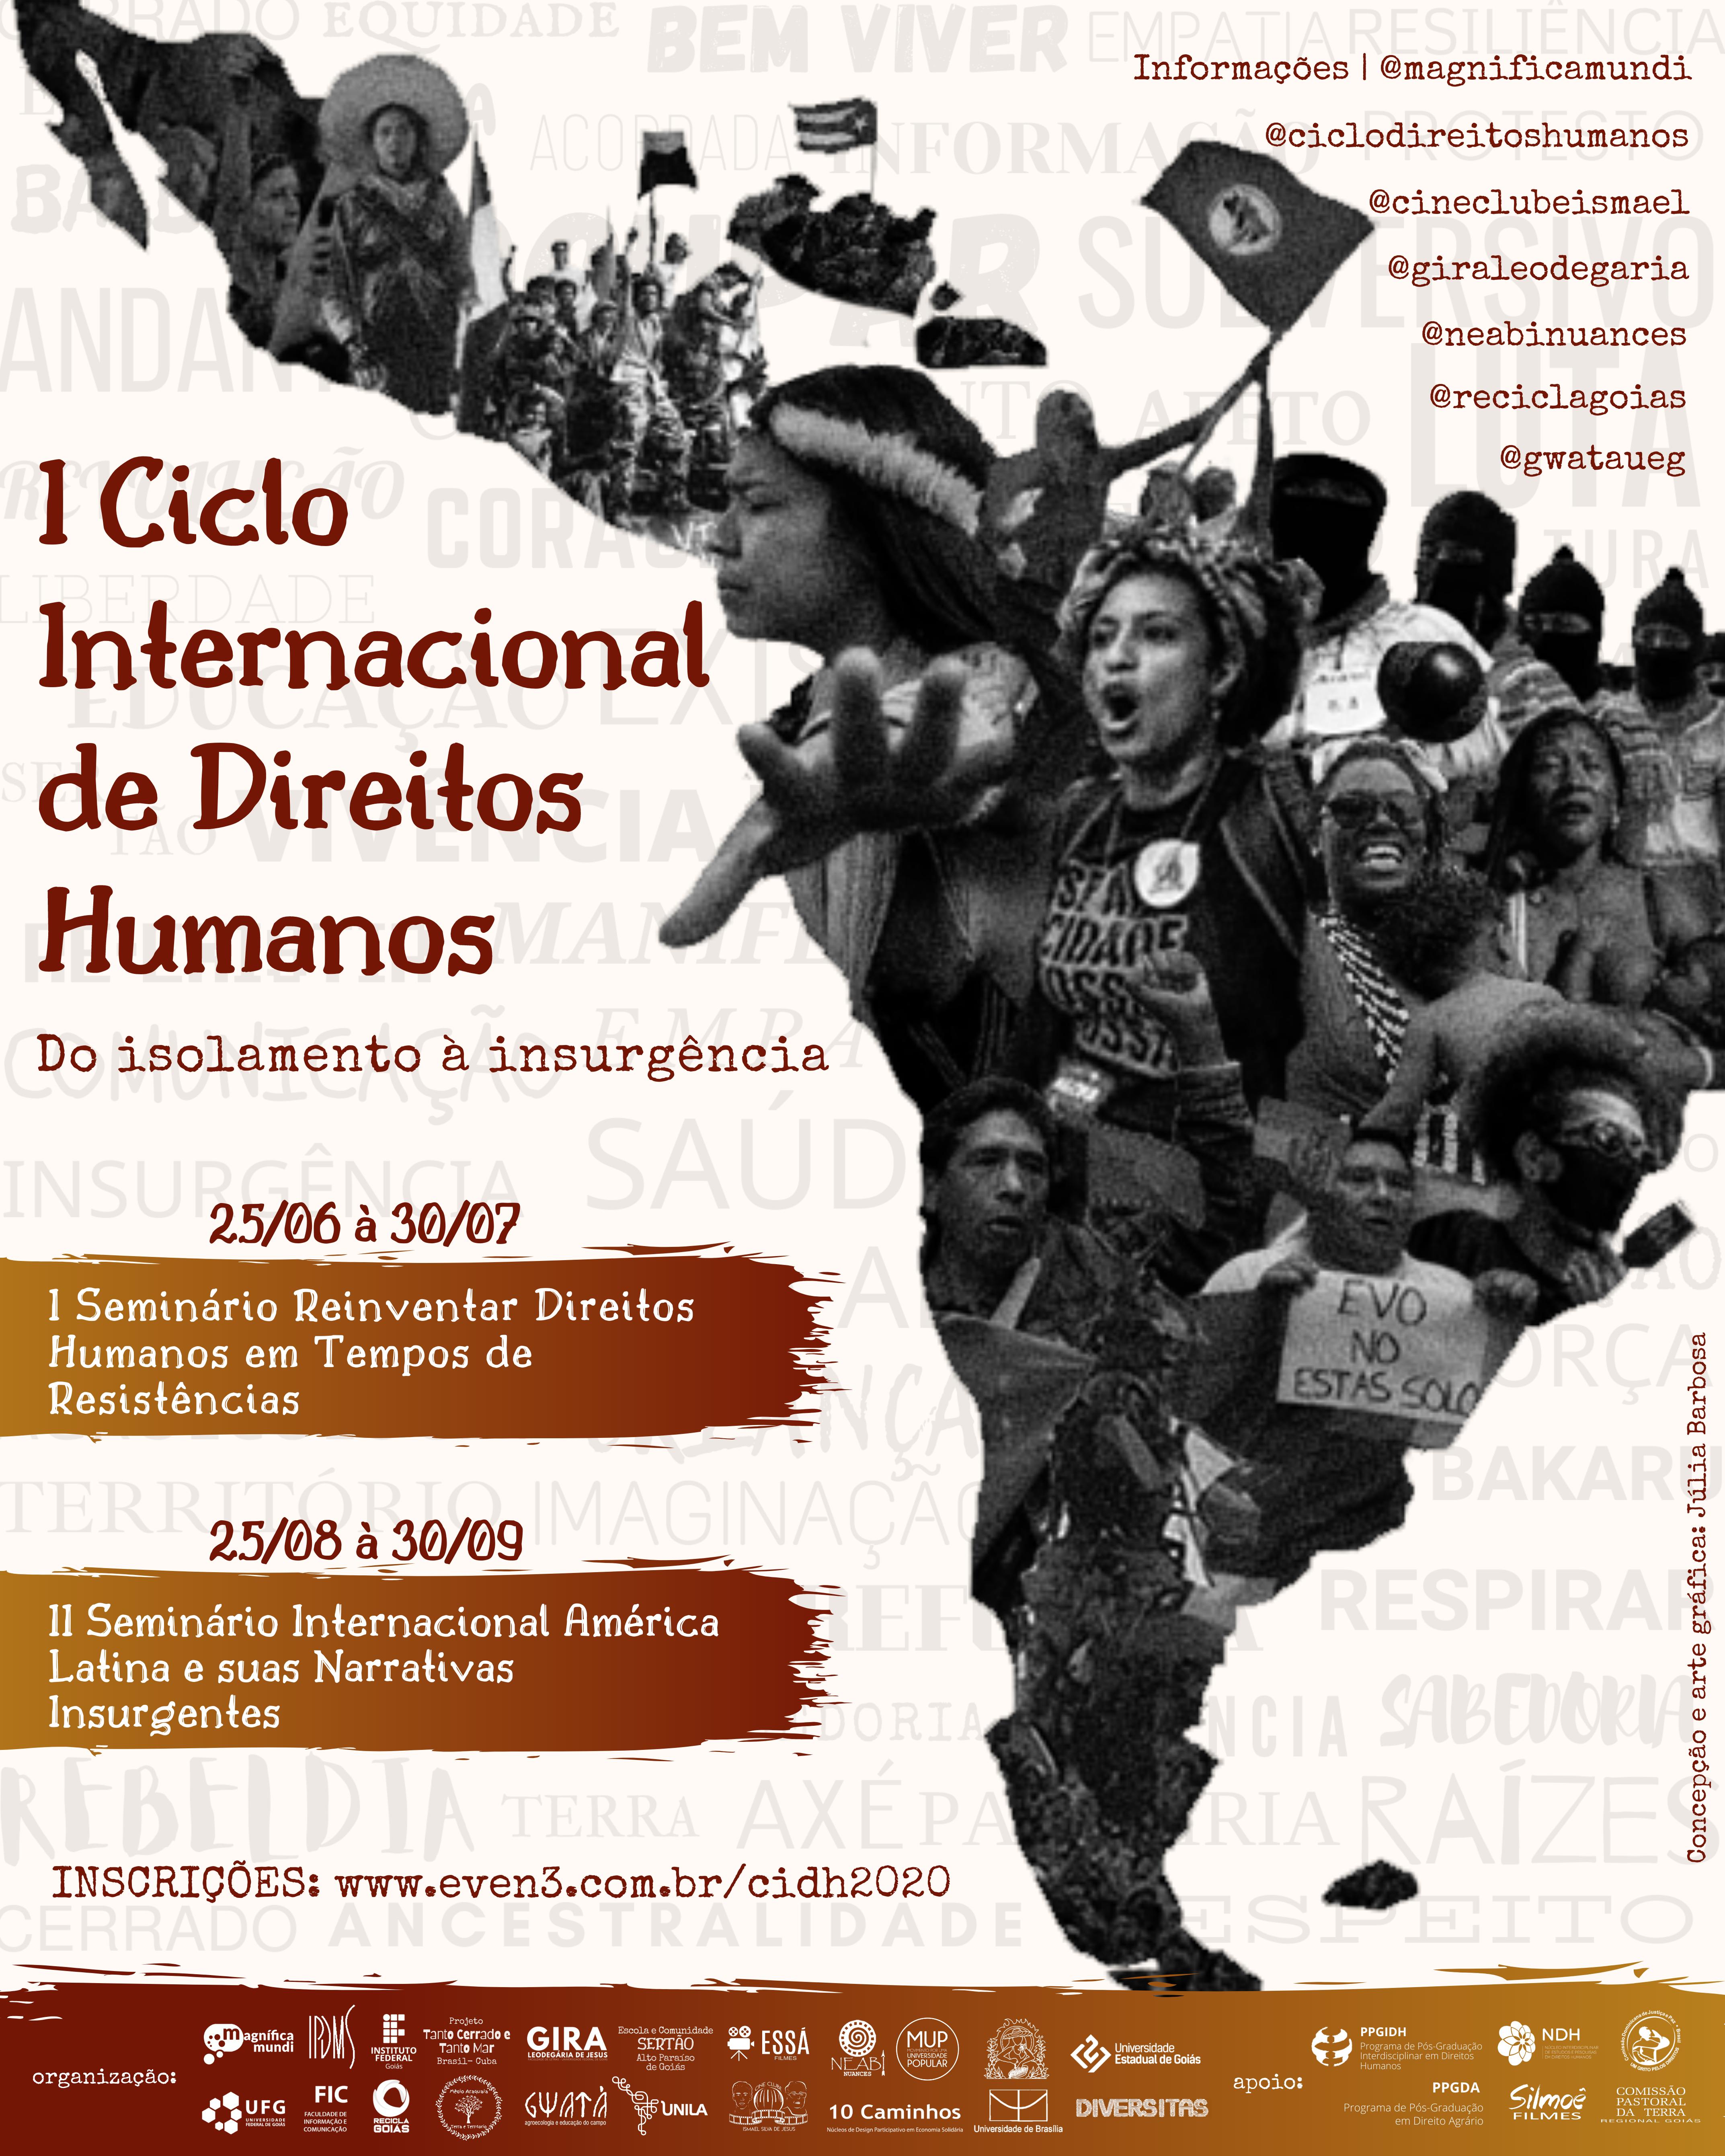 I Ciclo Internacional de Direitos Humanos - Do Isolamento à Insurgência